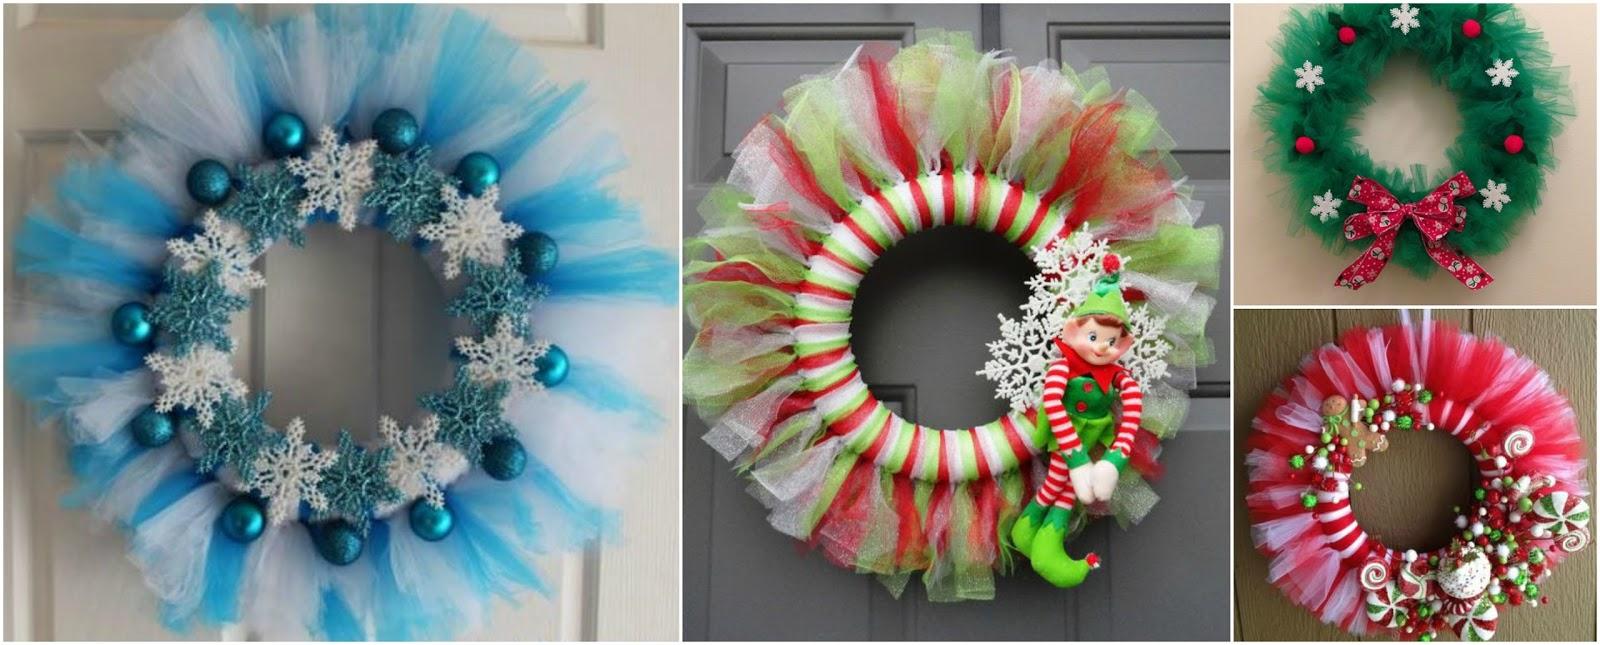 Aprende c mo hacer 9 hermosas coronas navide as con tul belleza y peinados - Como hacer coronas navidenas ...